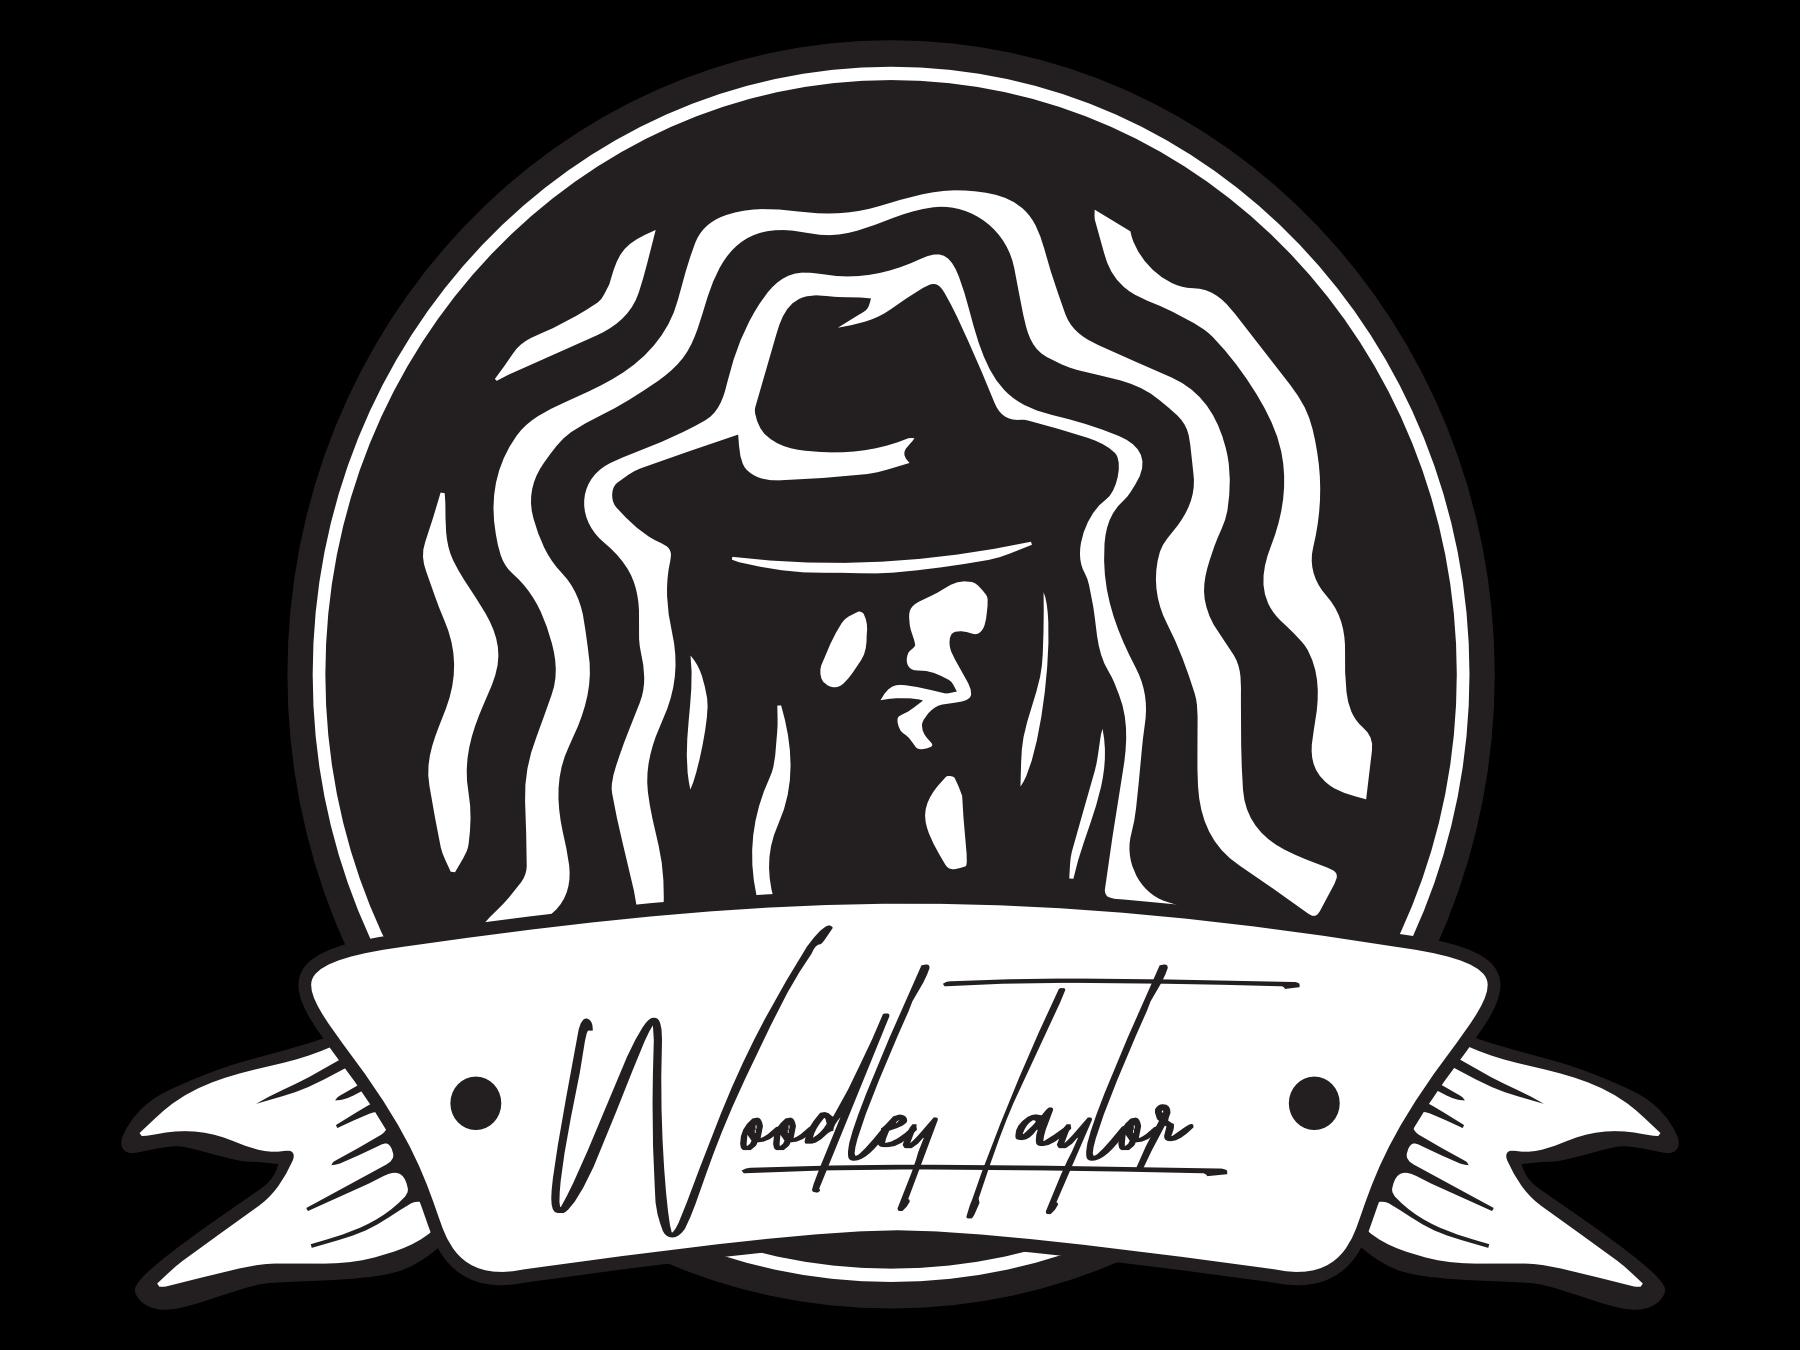 Woodley Taylor logo Glastonbudget